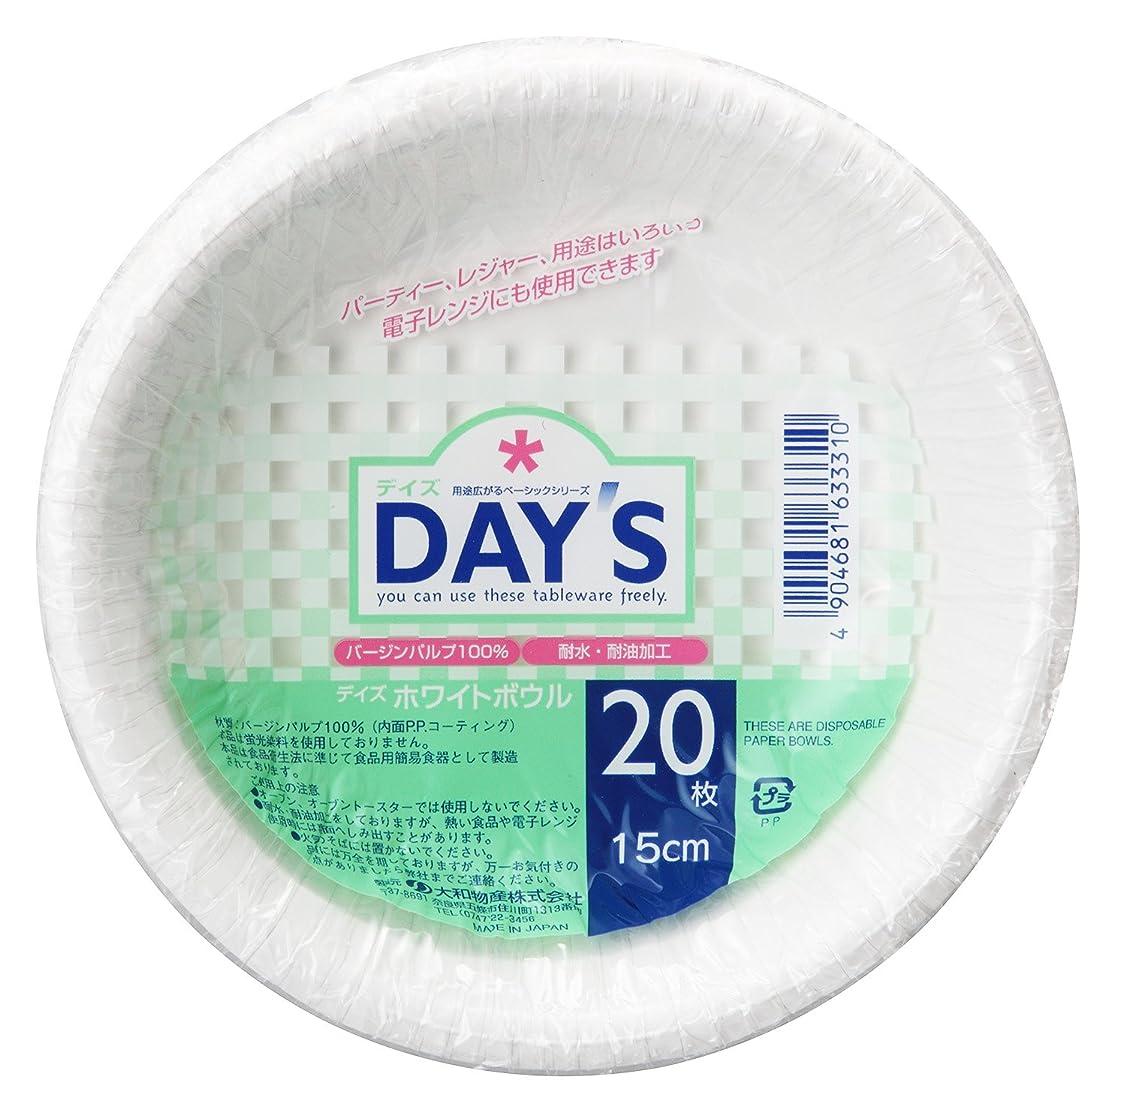 敬礼例外サロン大和物産 使い捨て食器 ホワイト 410ml DAY'S ペーパーボウル 20個入